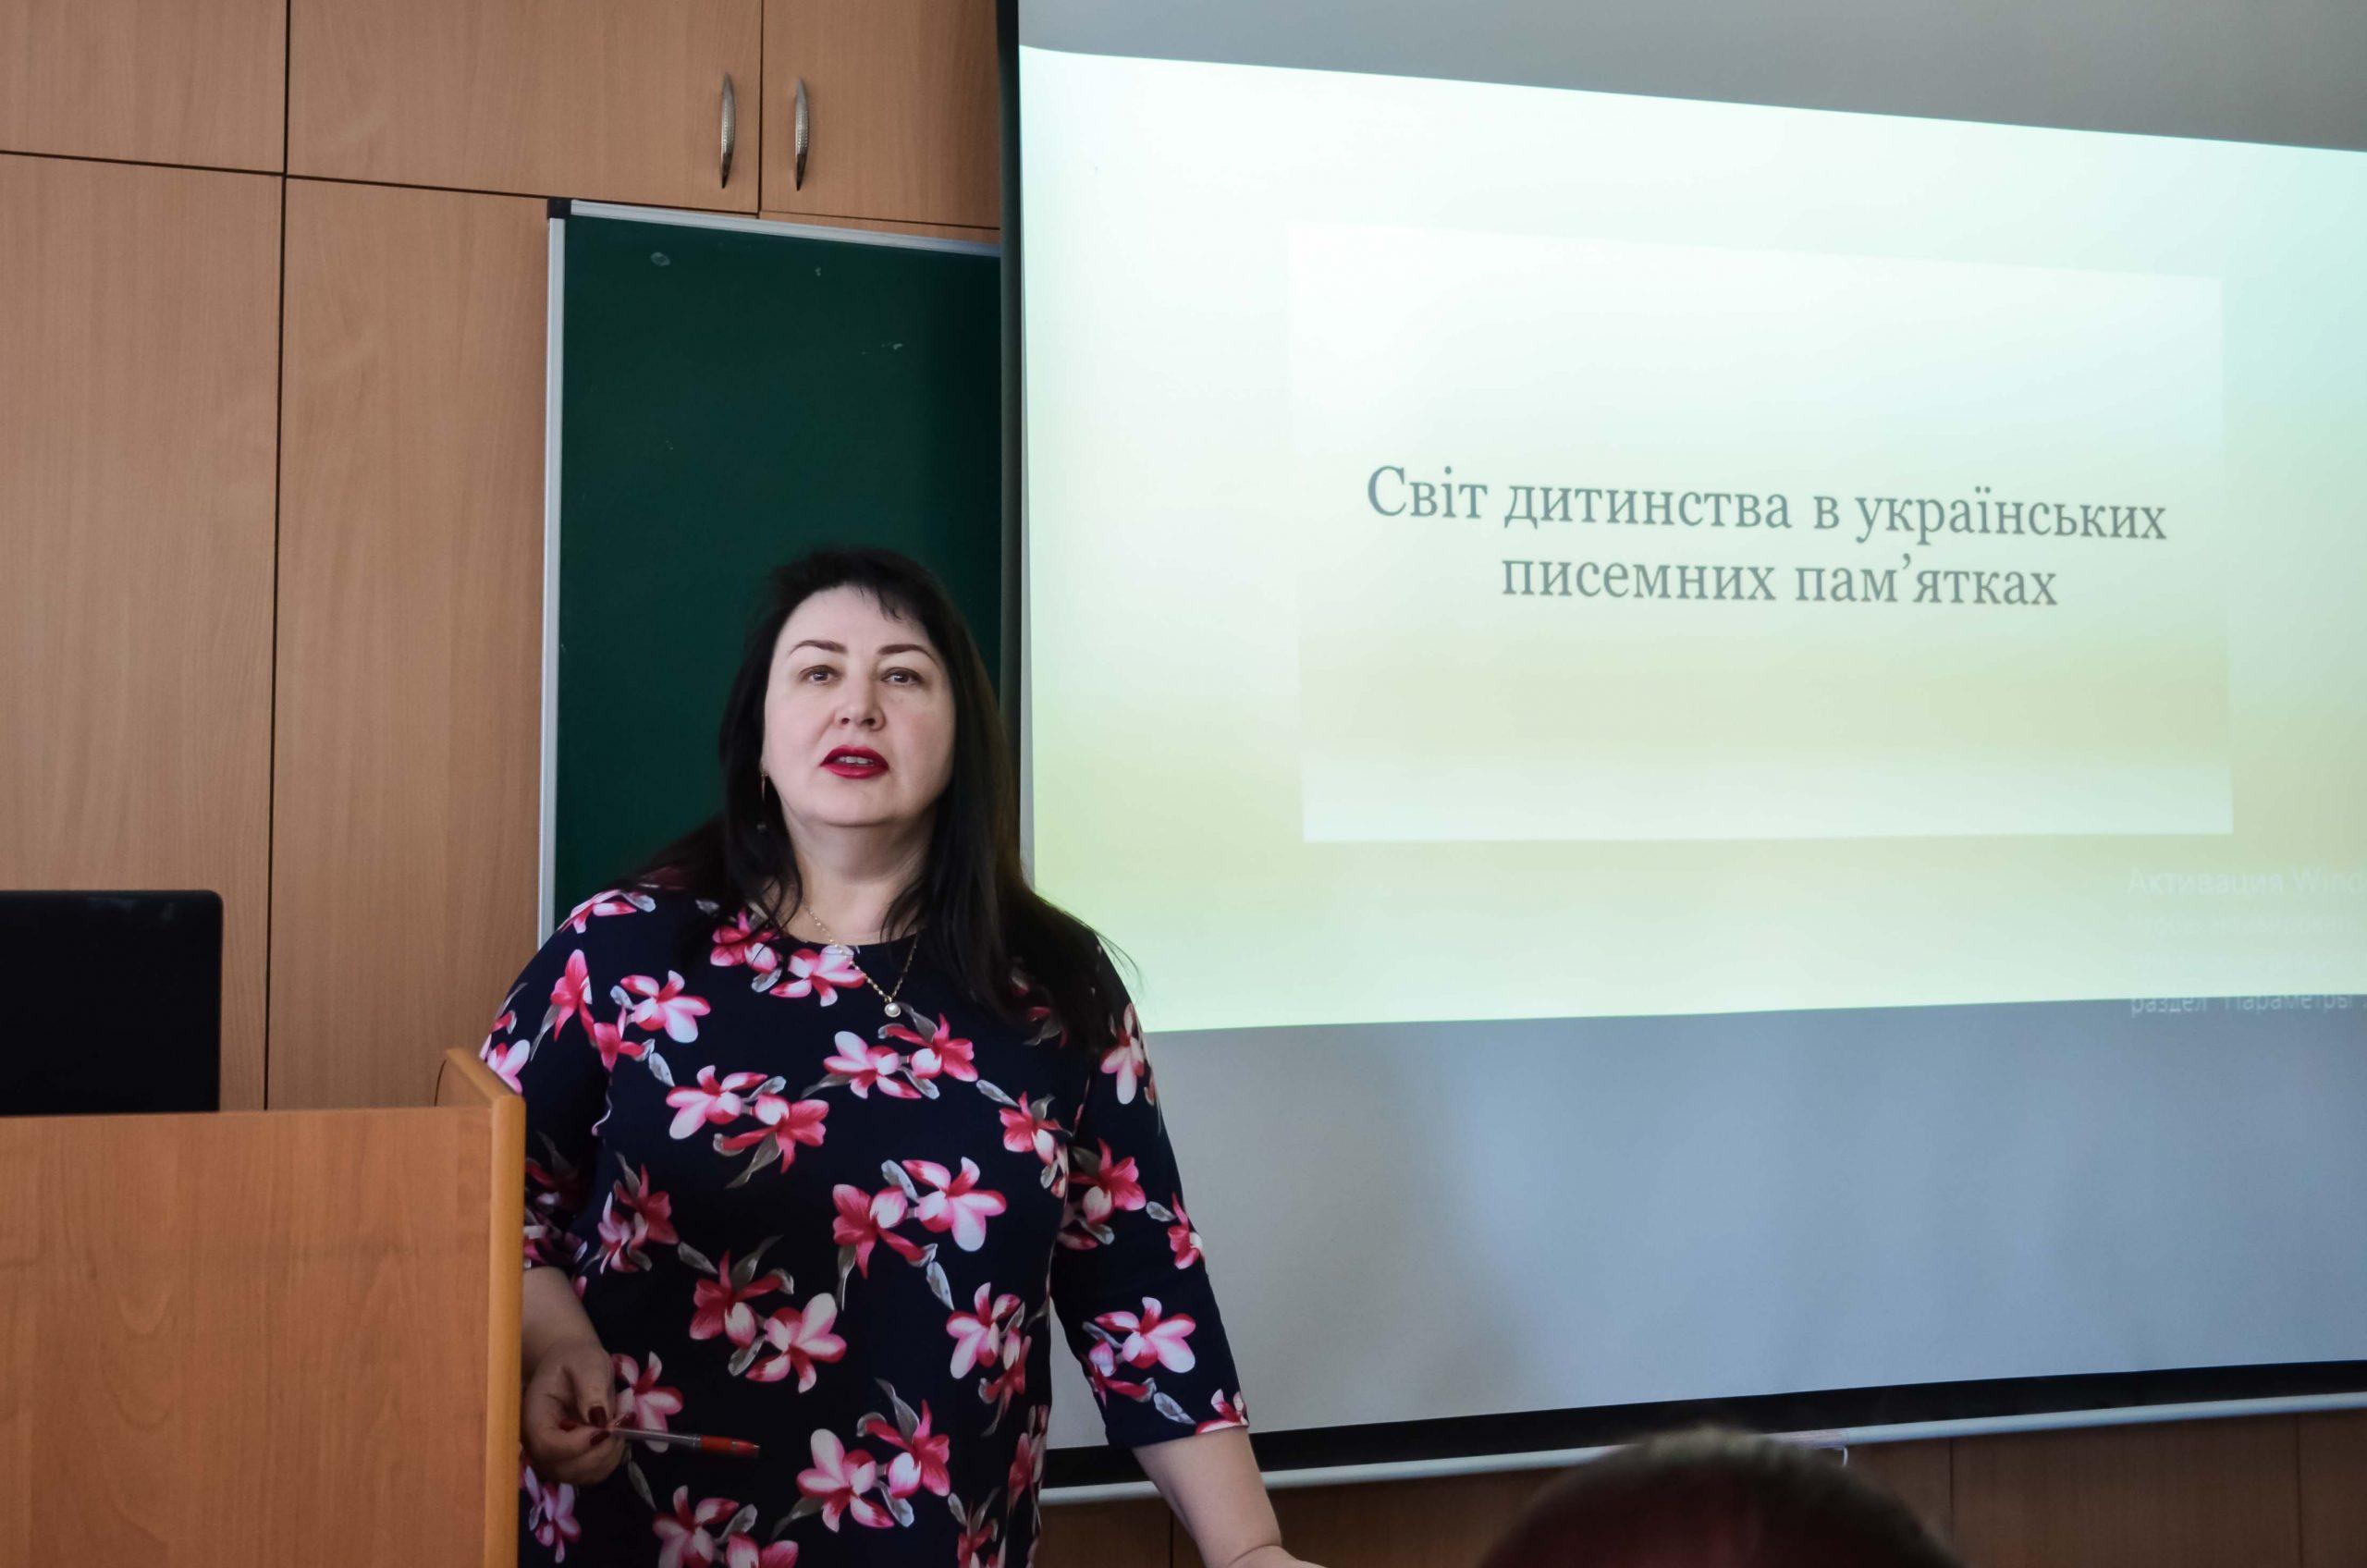 Глибини рідної мови: світ дитини і дитинства  в українській мові (до Міжнародного дня рідної мови)